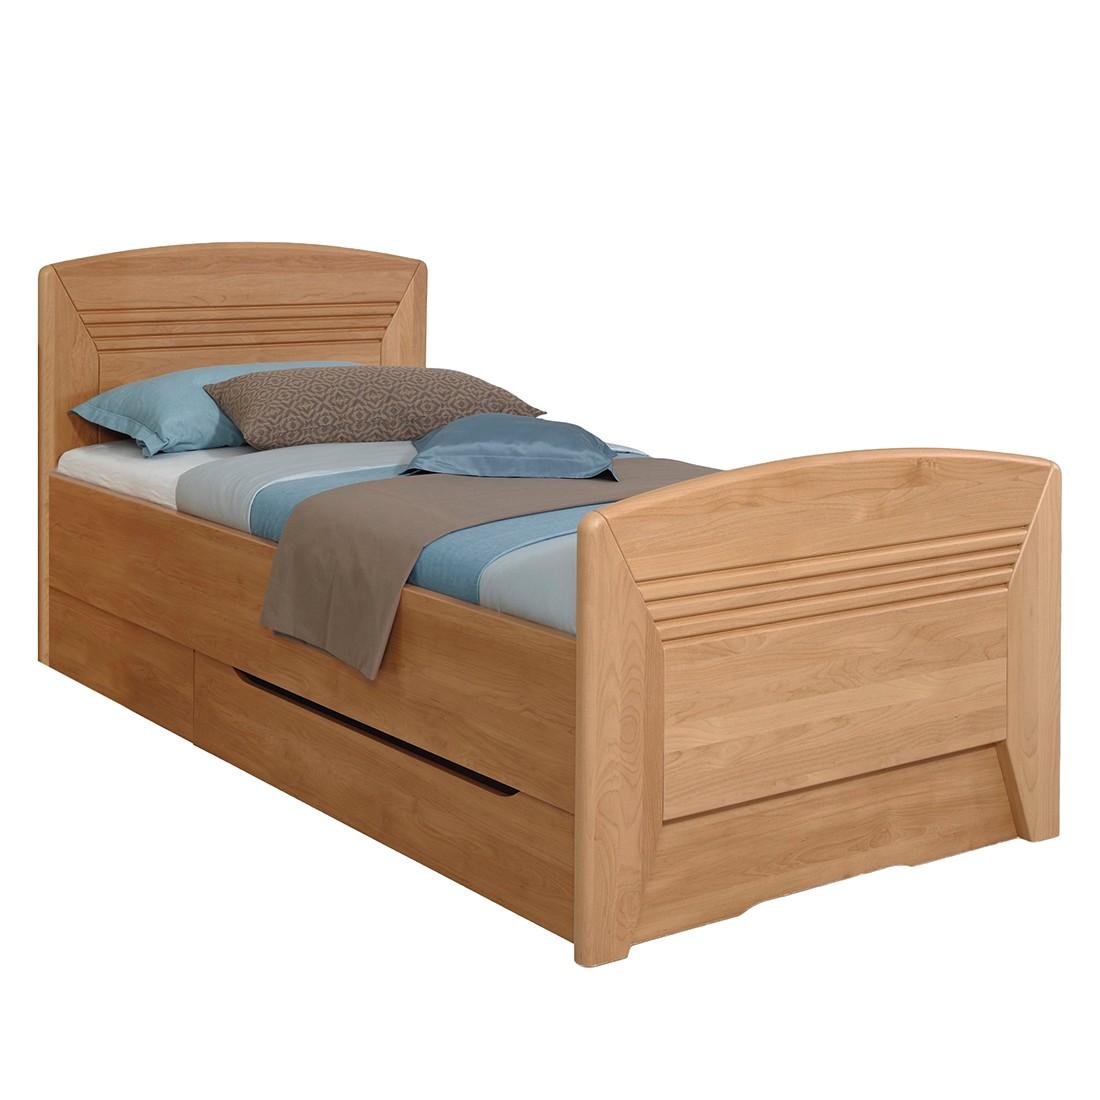 home24 Teilmassives Komfortbett Valerie I | Schlafzimmer > Betten > Komfortbetten | Braun | Holz - Teilmassiv | Rauch Steffen